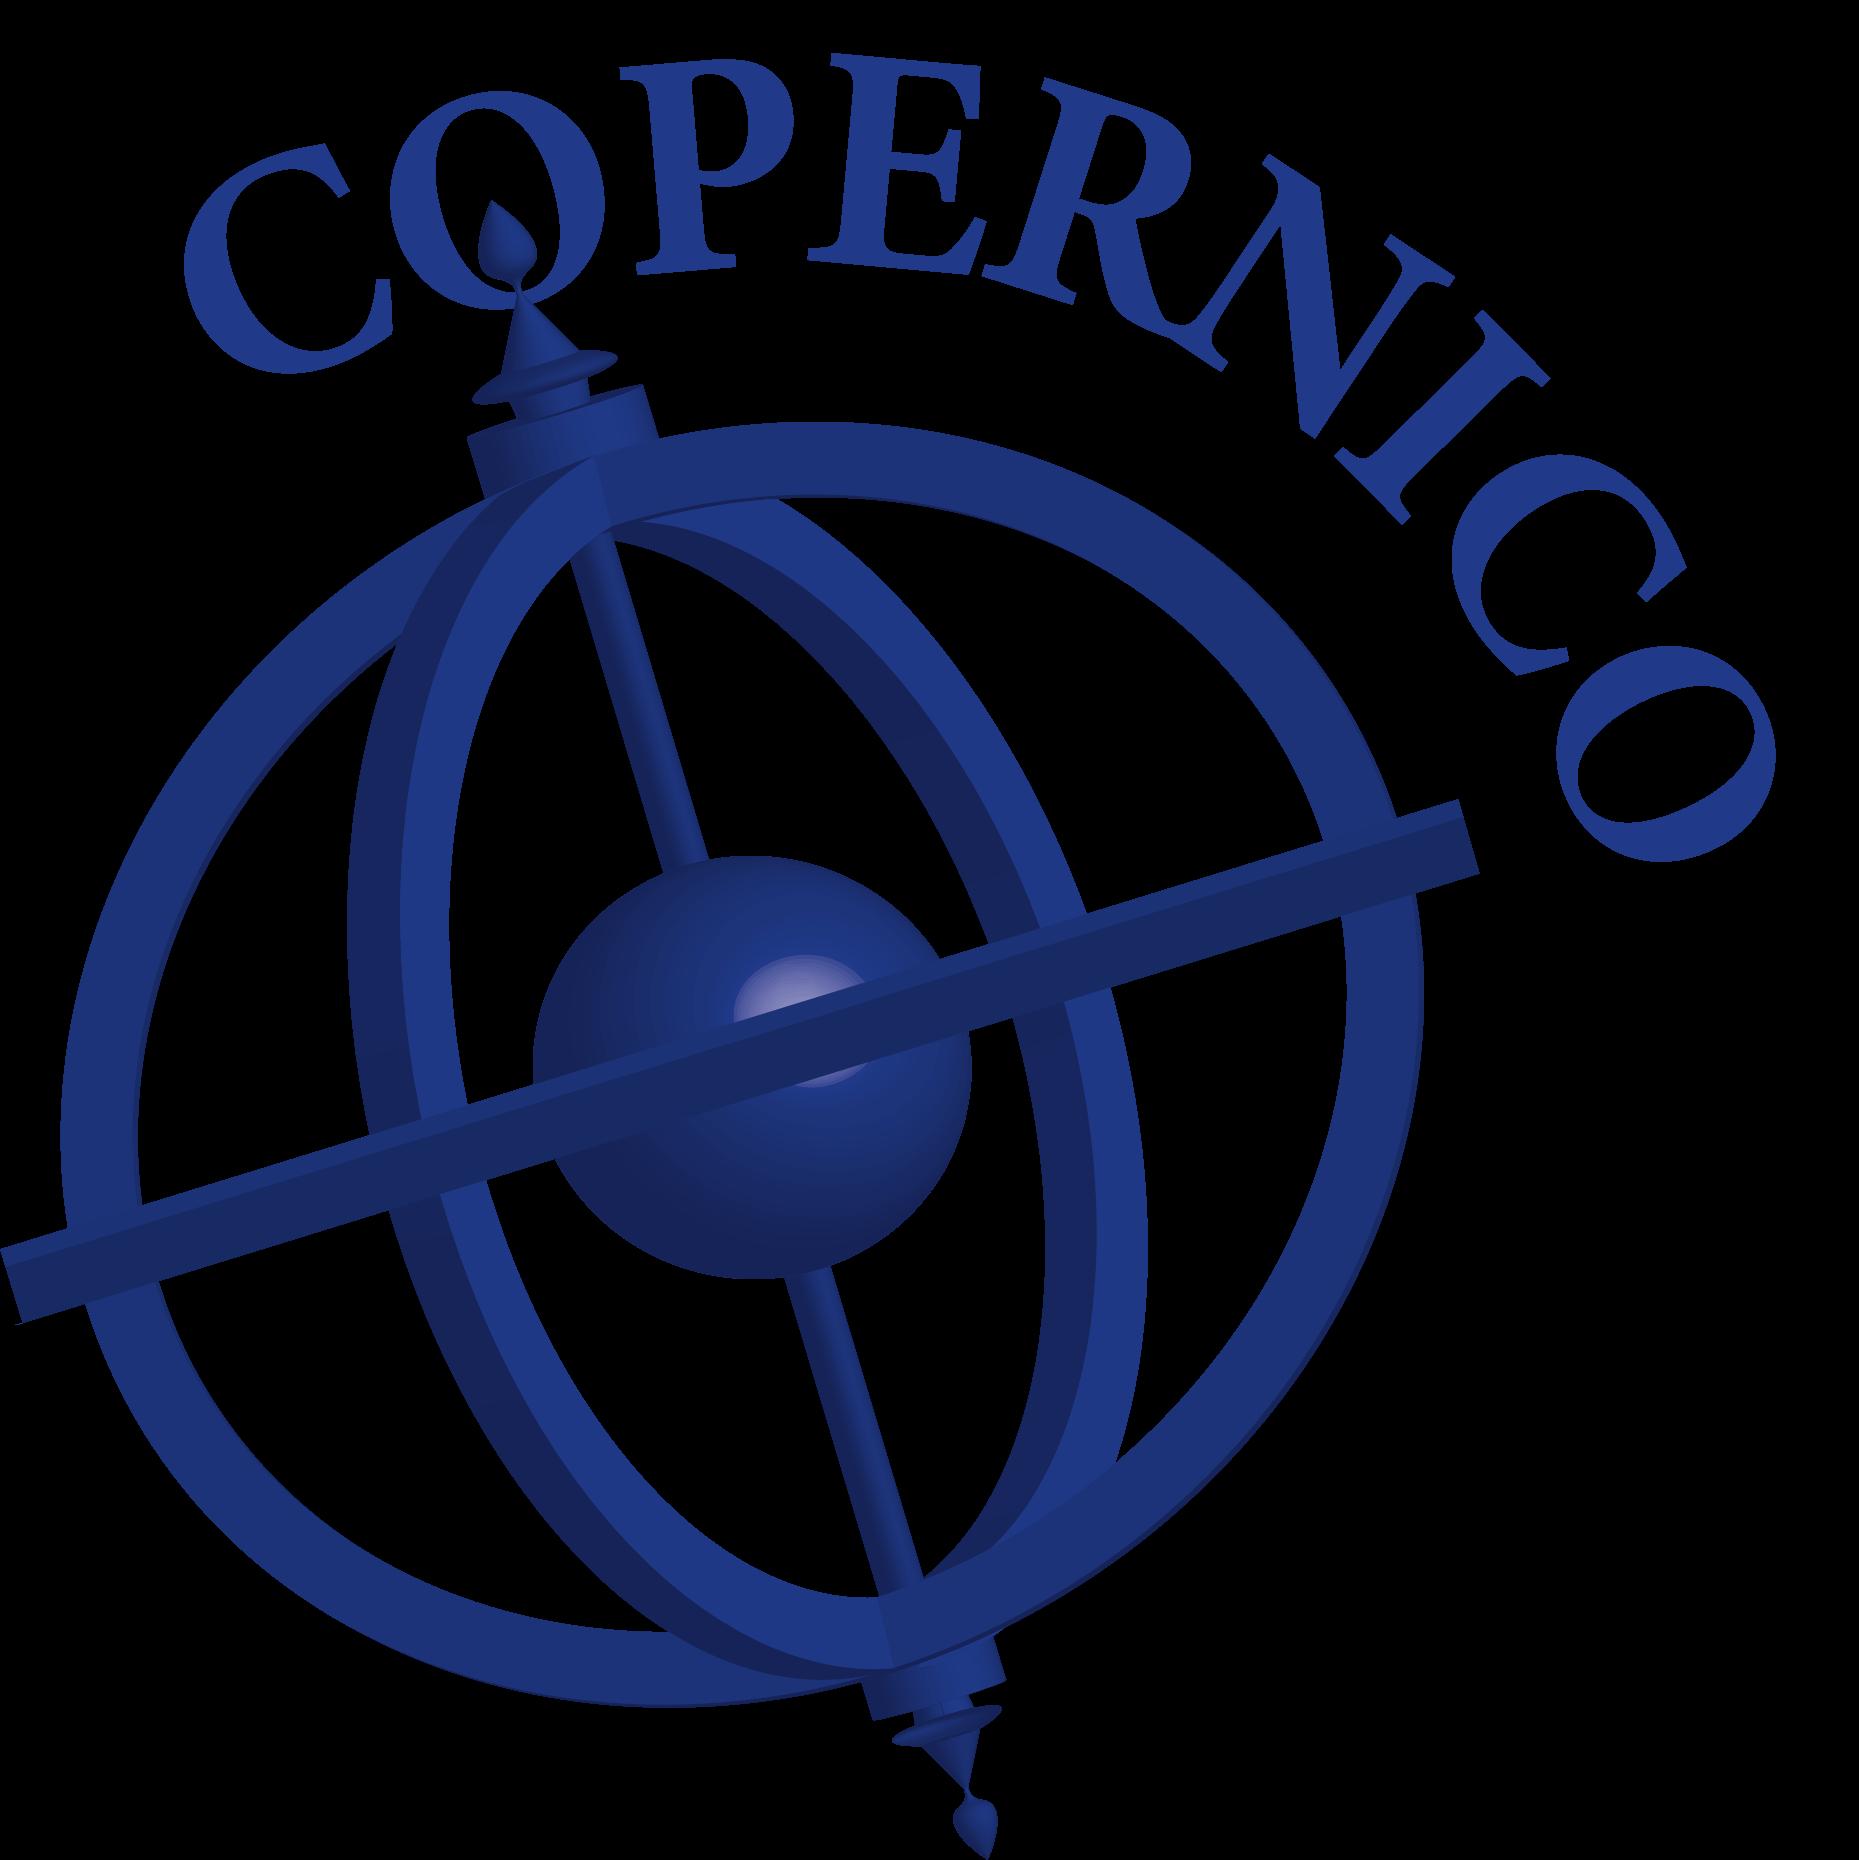 Consorzio Copernico